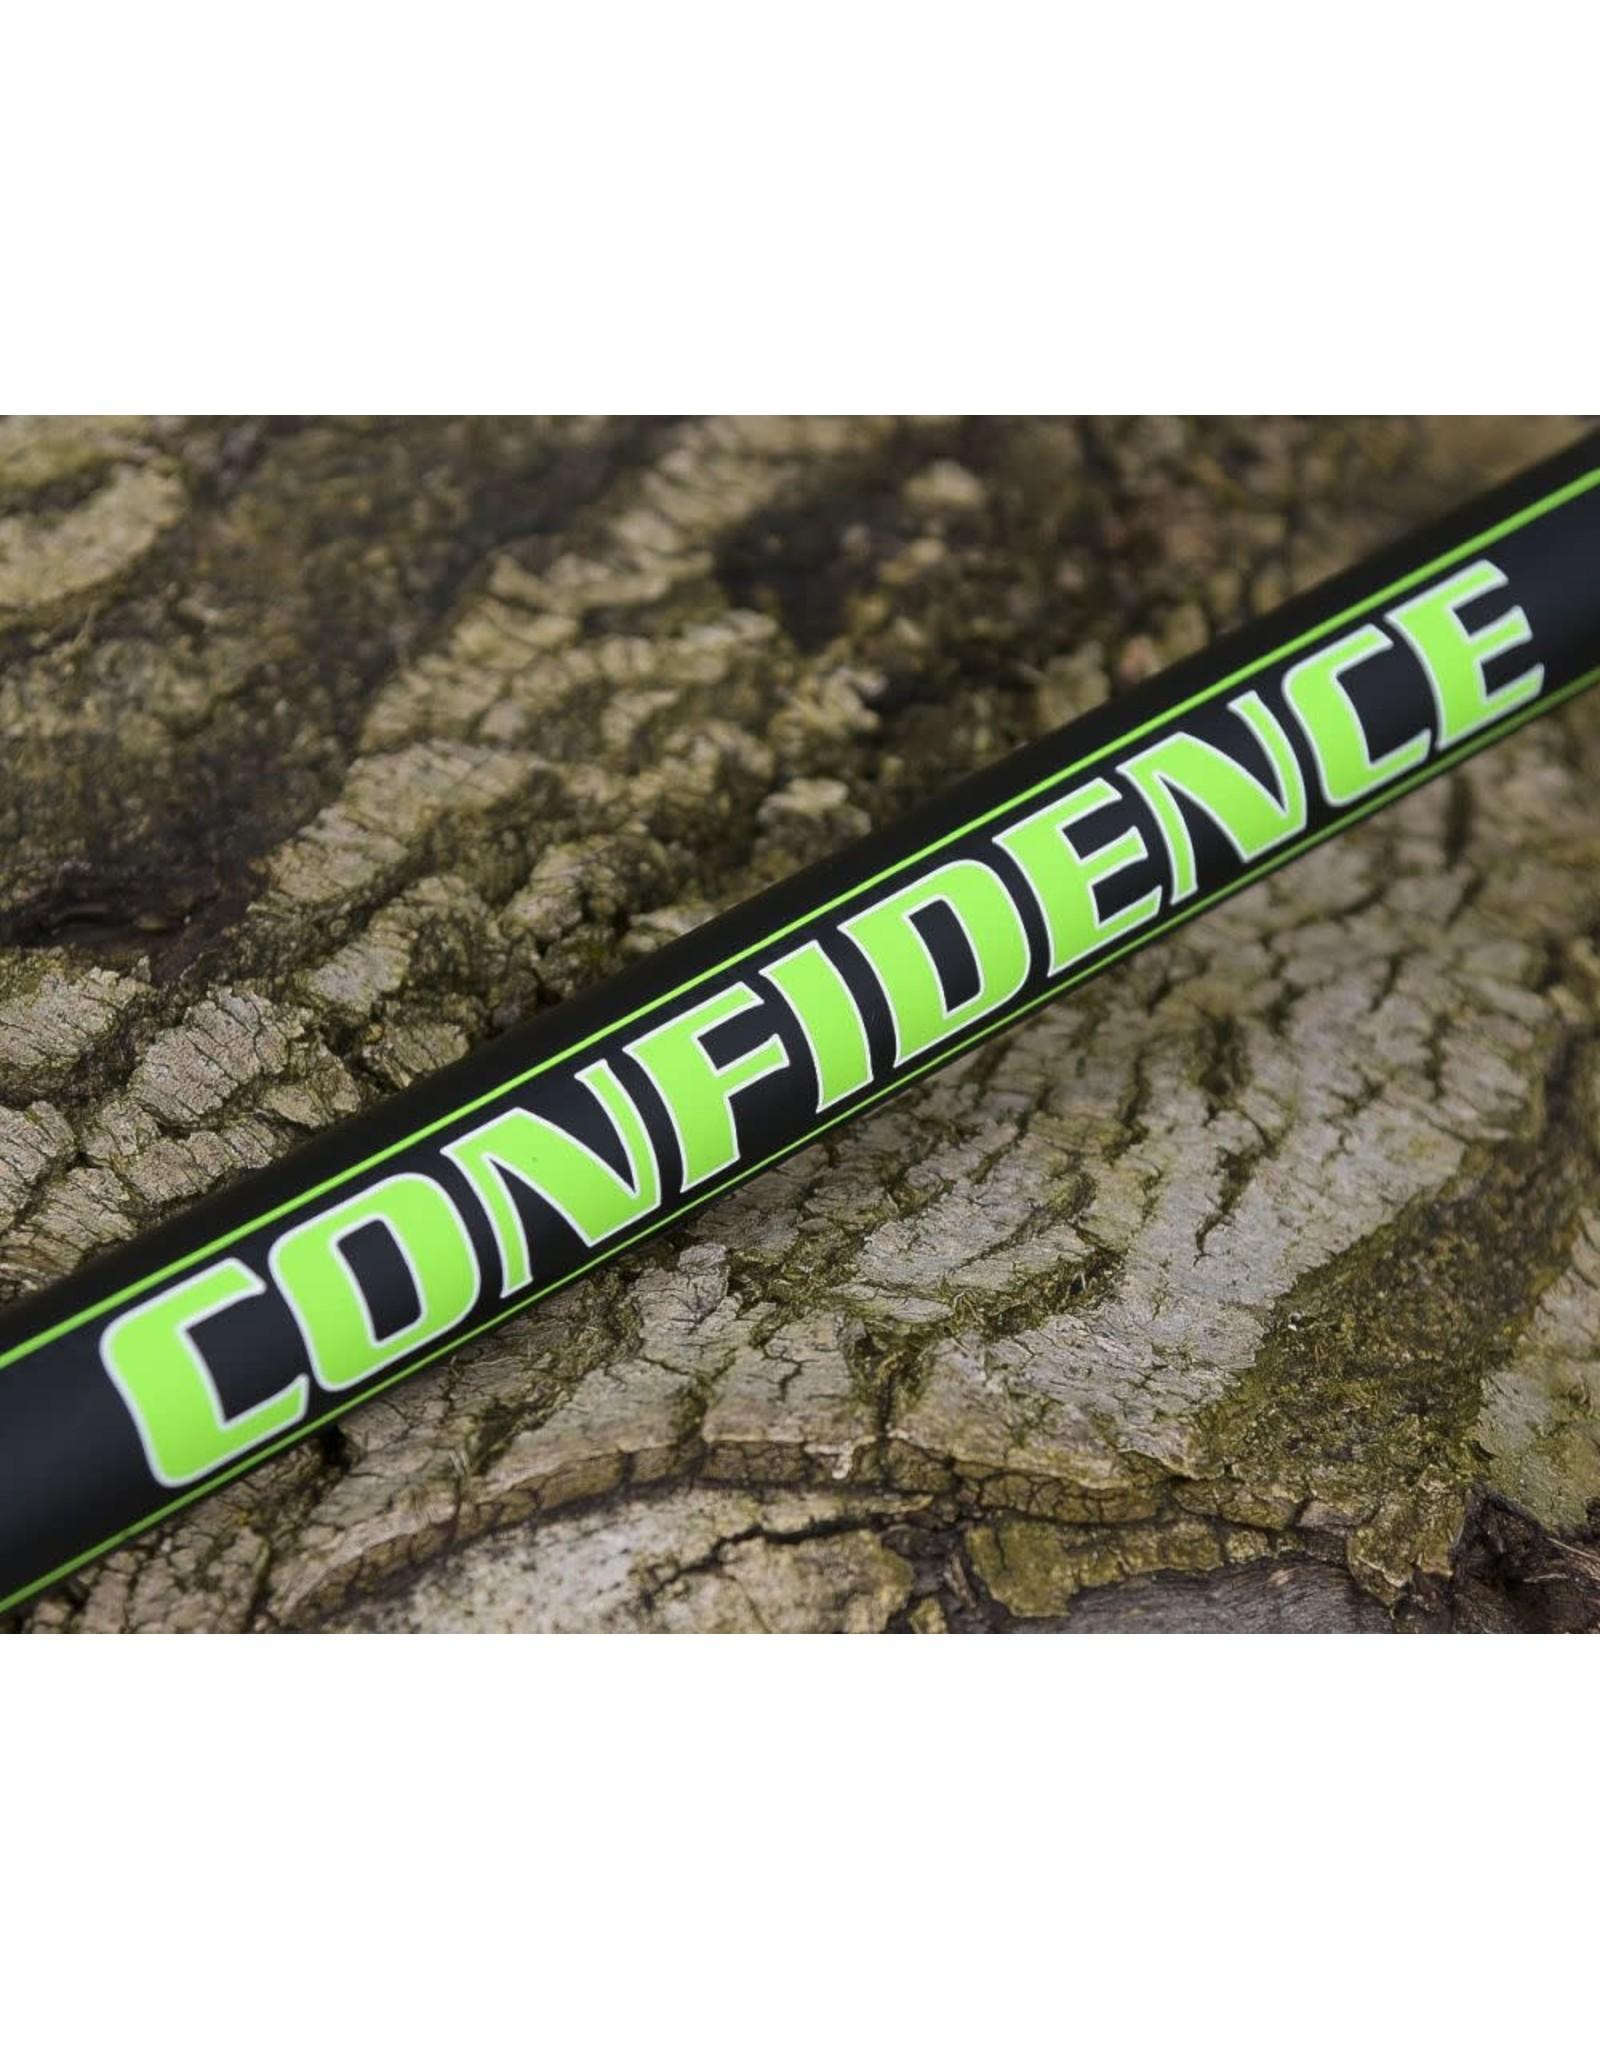 CRESTA Confidence 10M Pack